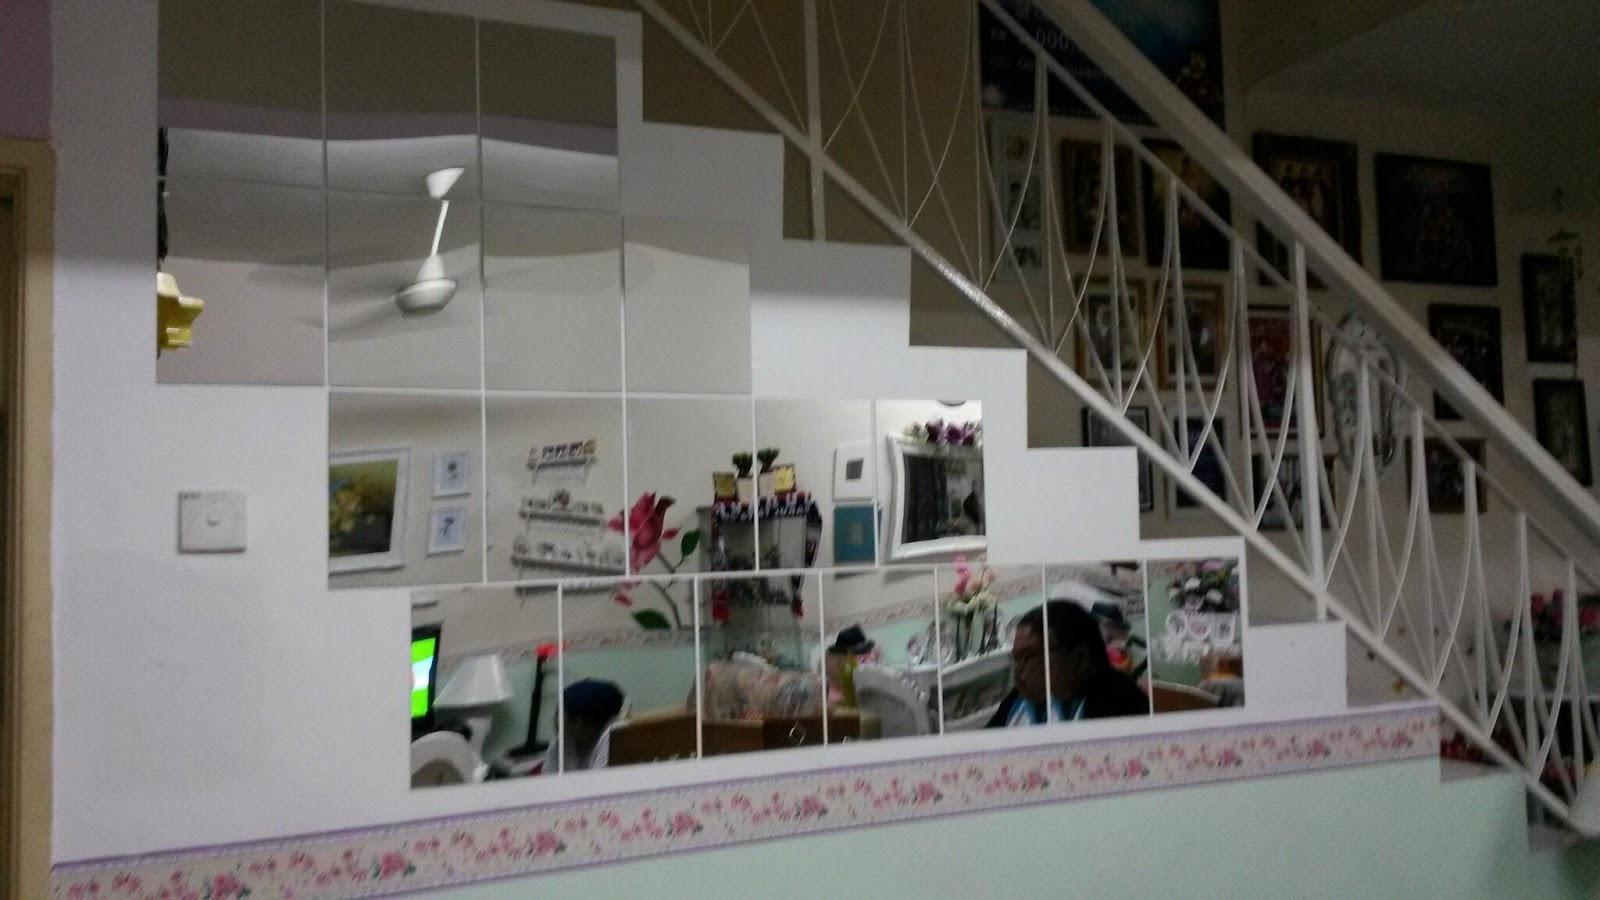 Inilah Akhirnya Siap Juga Projek Diy Mama A Cerminnya Taklah Secantik Cermin Yang Dibeli Dari Ikea Jadilah Janji Dapat Sedikit Perubahan